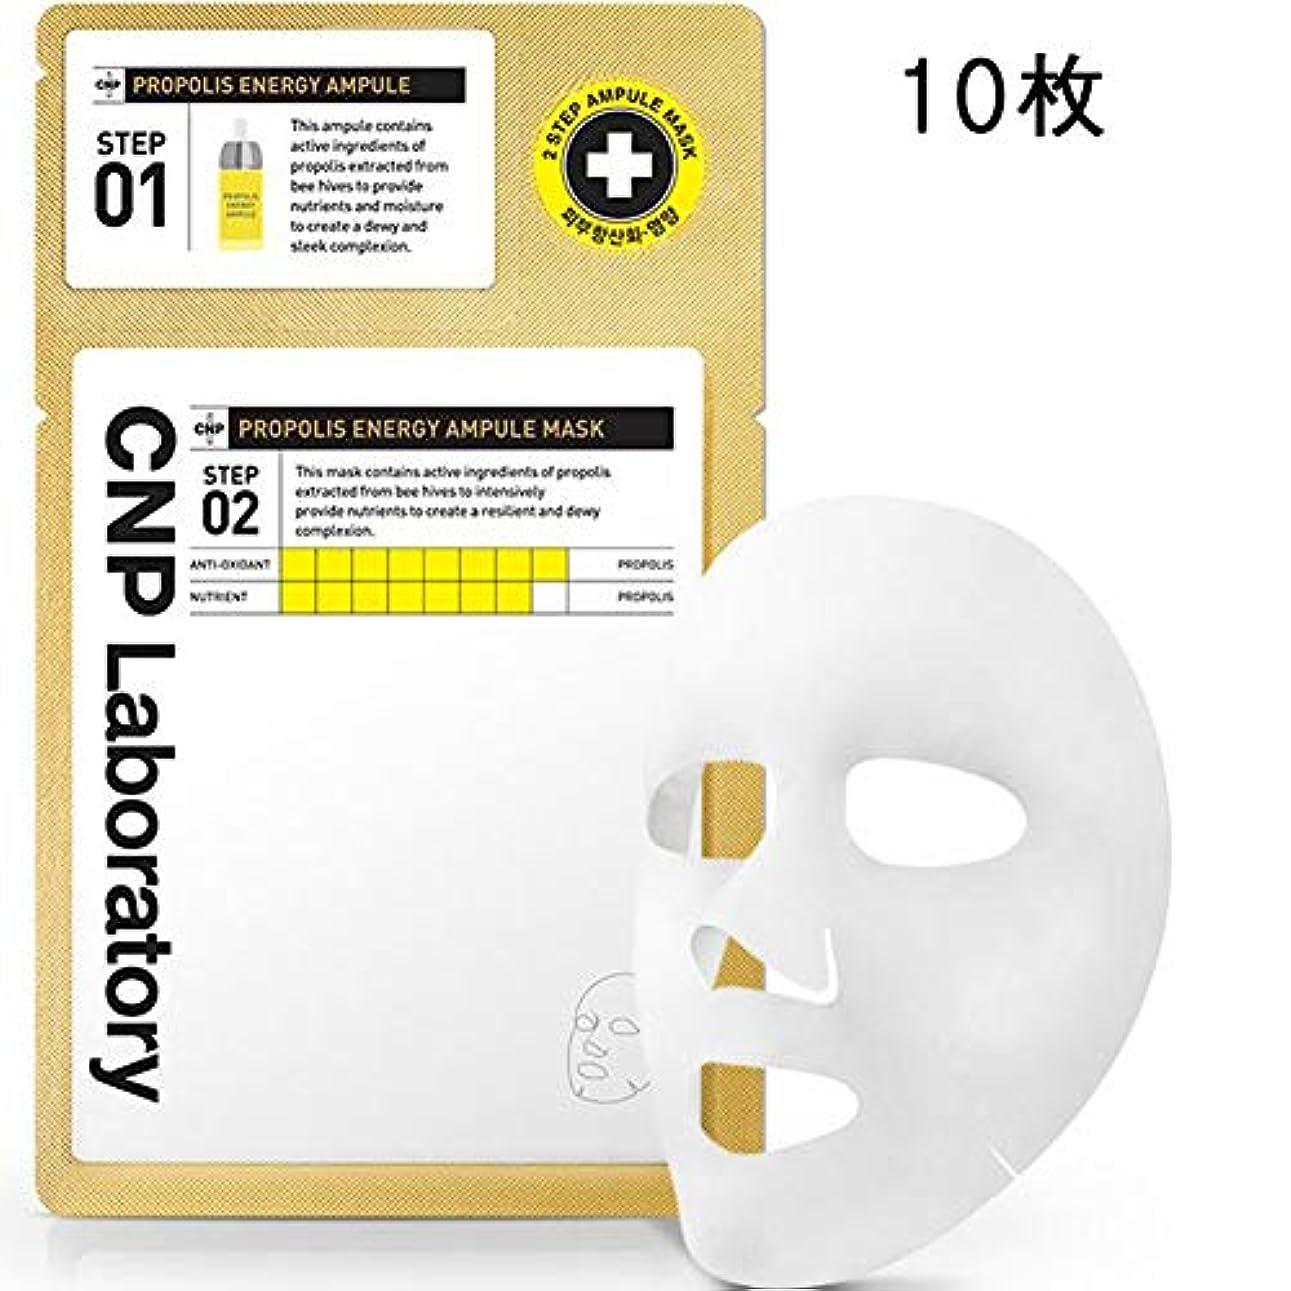 滑りやすいマスク滝[CNP]チャ&パクプロポリスエネルギーアンプルマスクパック10枚 (1step 1.5ml + 2step 30ml)[海外直送品][並行輸入品]